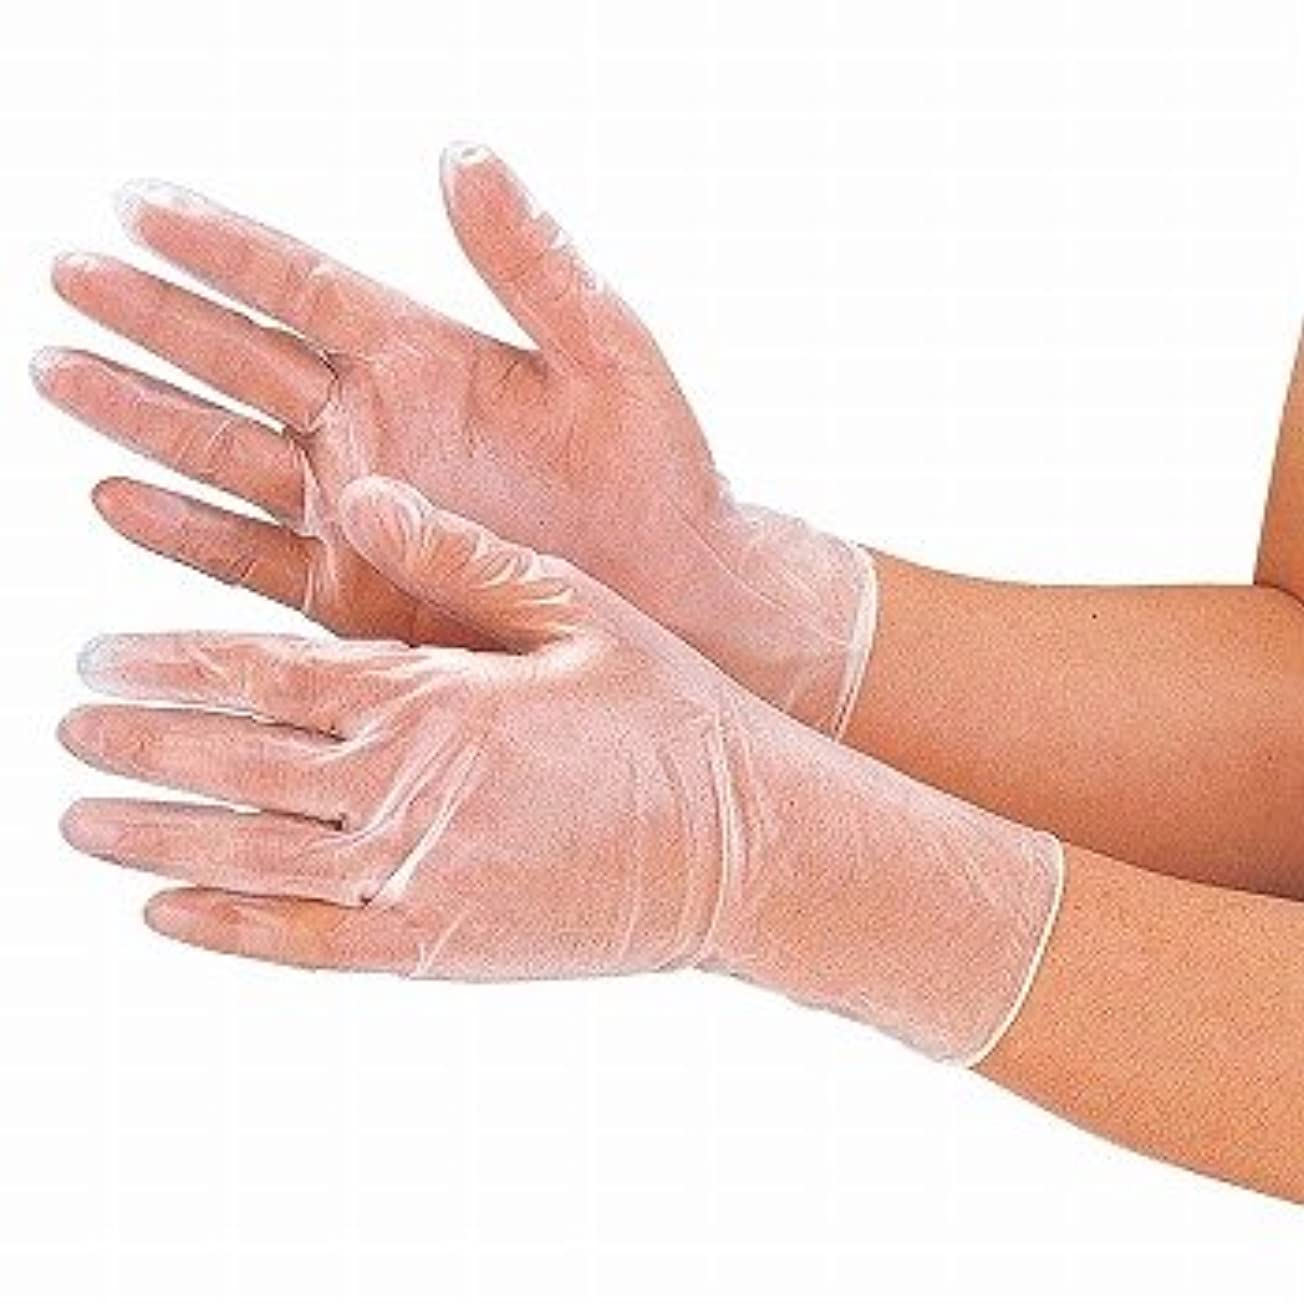 パウダー戦闘不快おたふく手袋/抗菌プラスチックディスポ手袋 100枚入×12セット[総数1200枚]/品番:250 サイズ:M